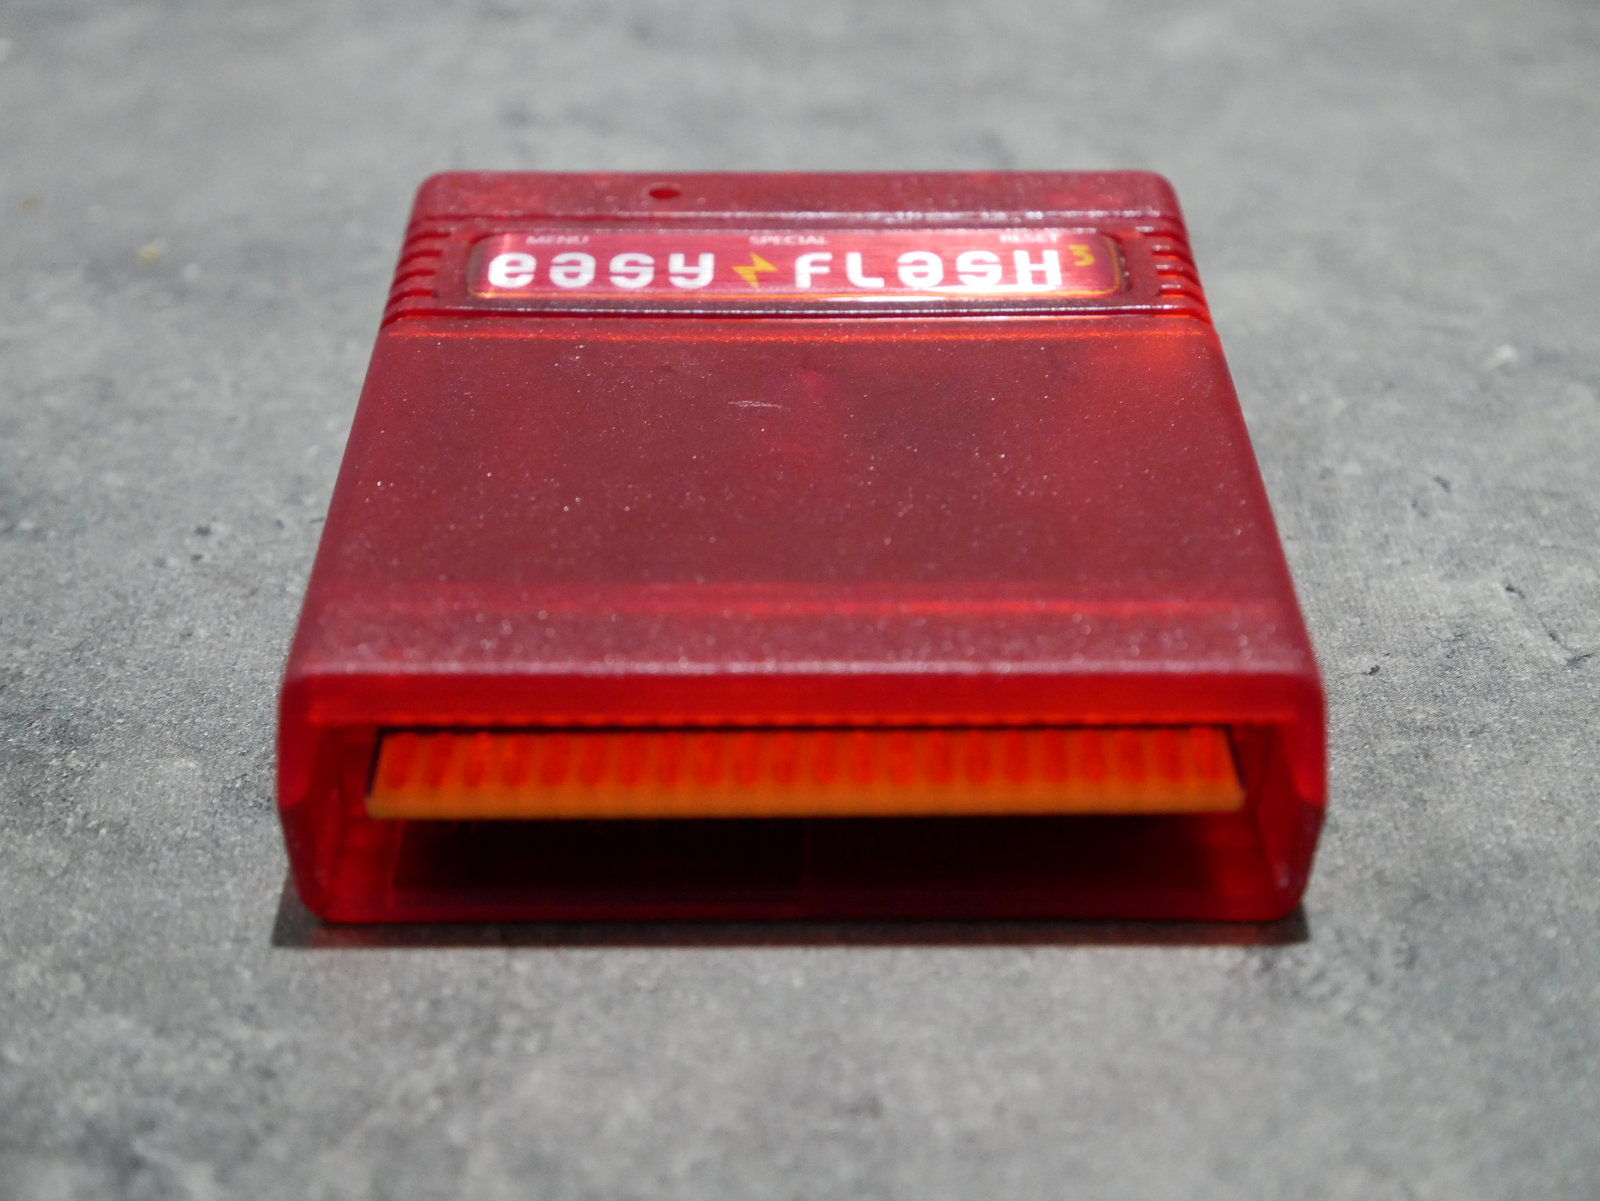 [VDS] C64/128 : divers accessoires (livre, logiciel, cartouches) 200512055456146808